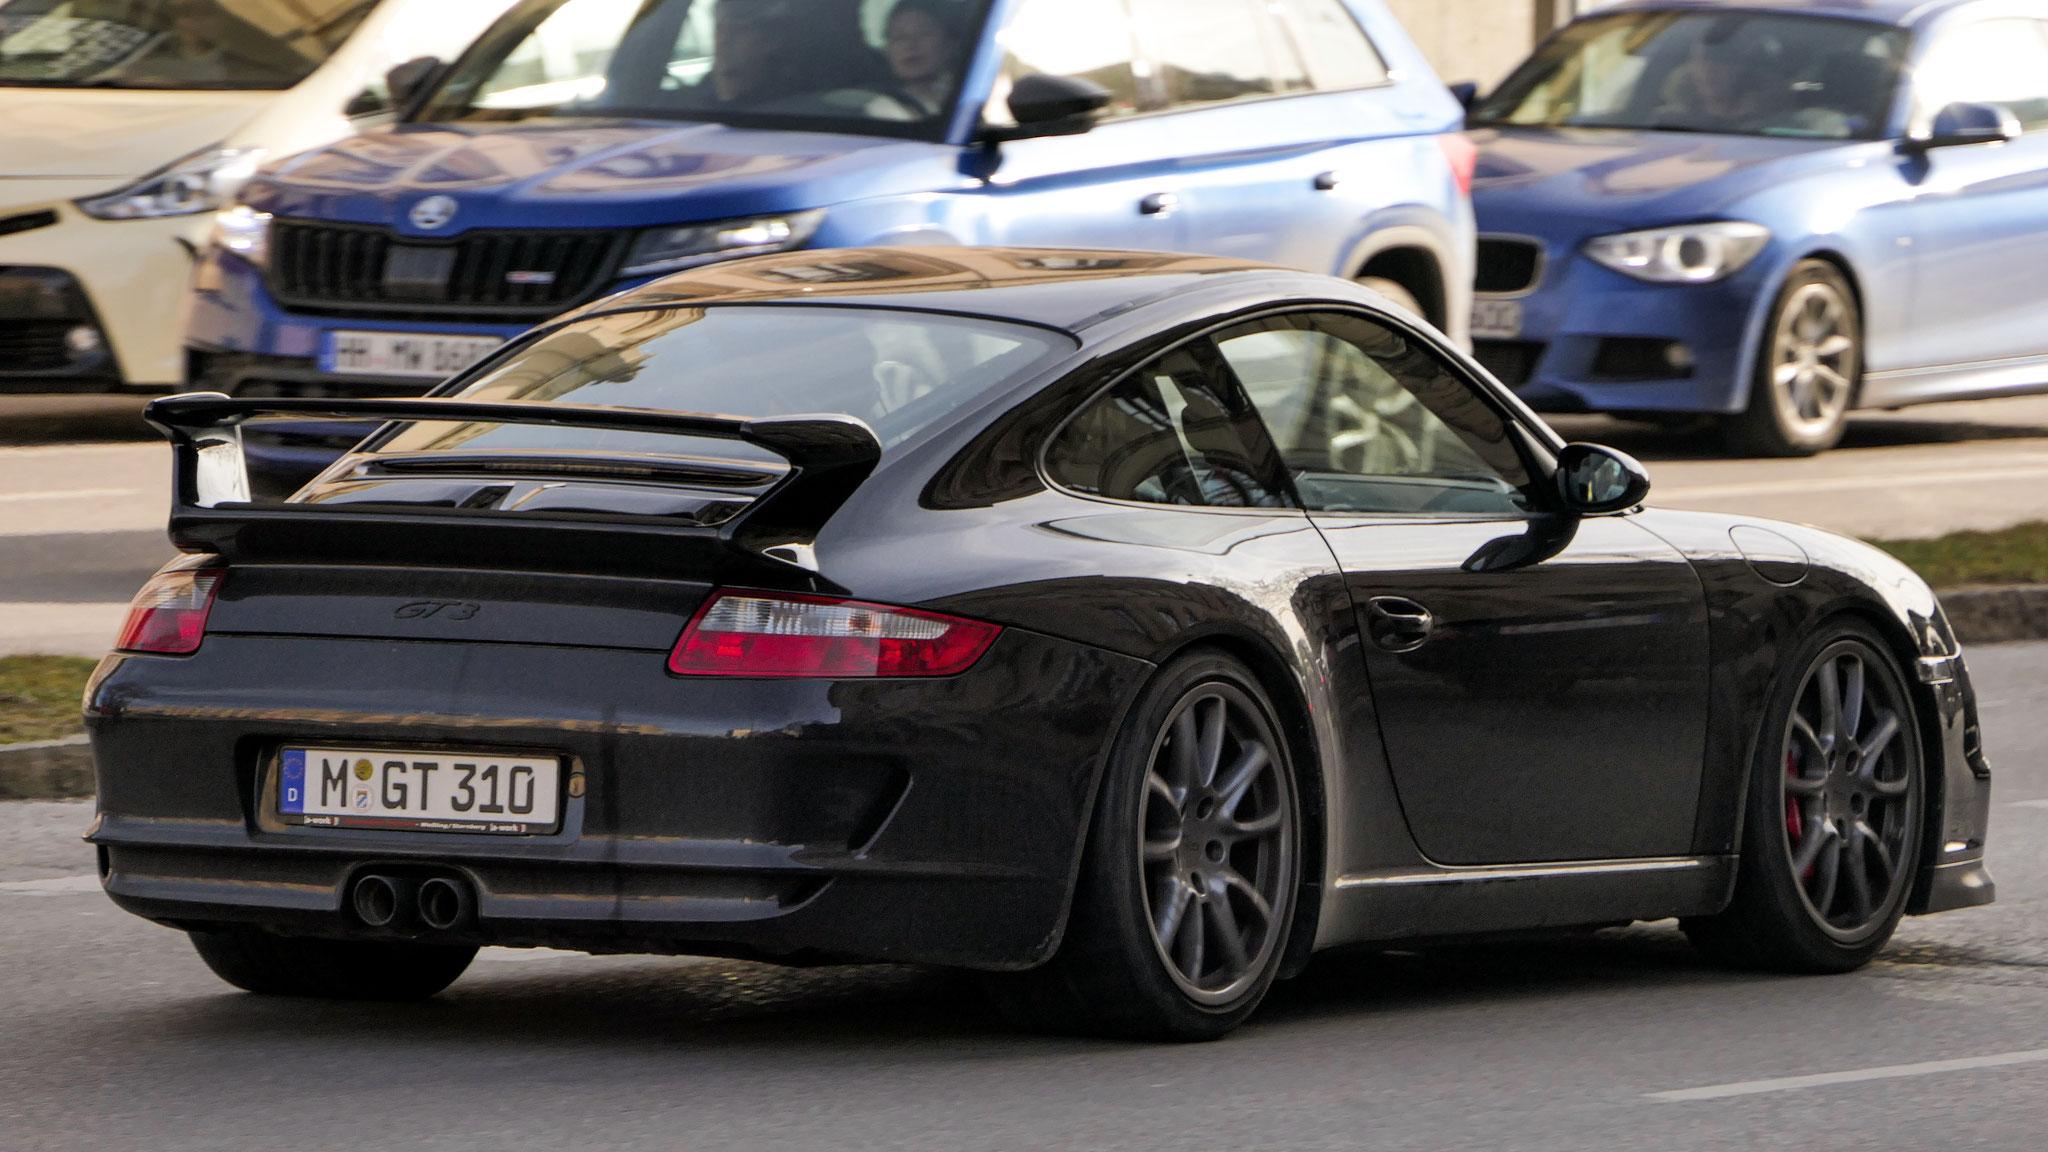 Porsche GT3 997 - M-GT-310